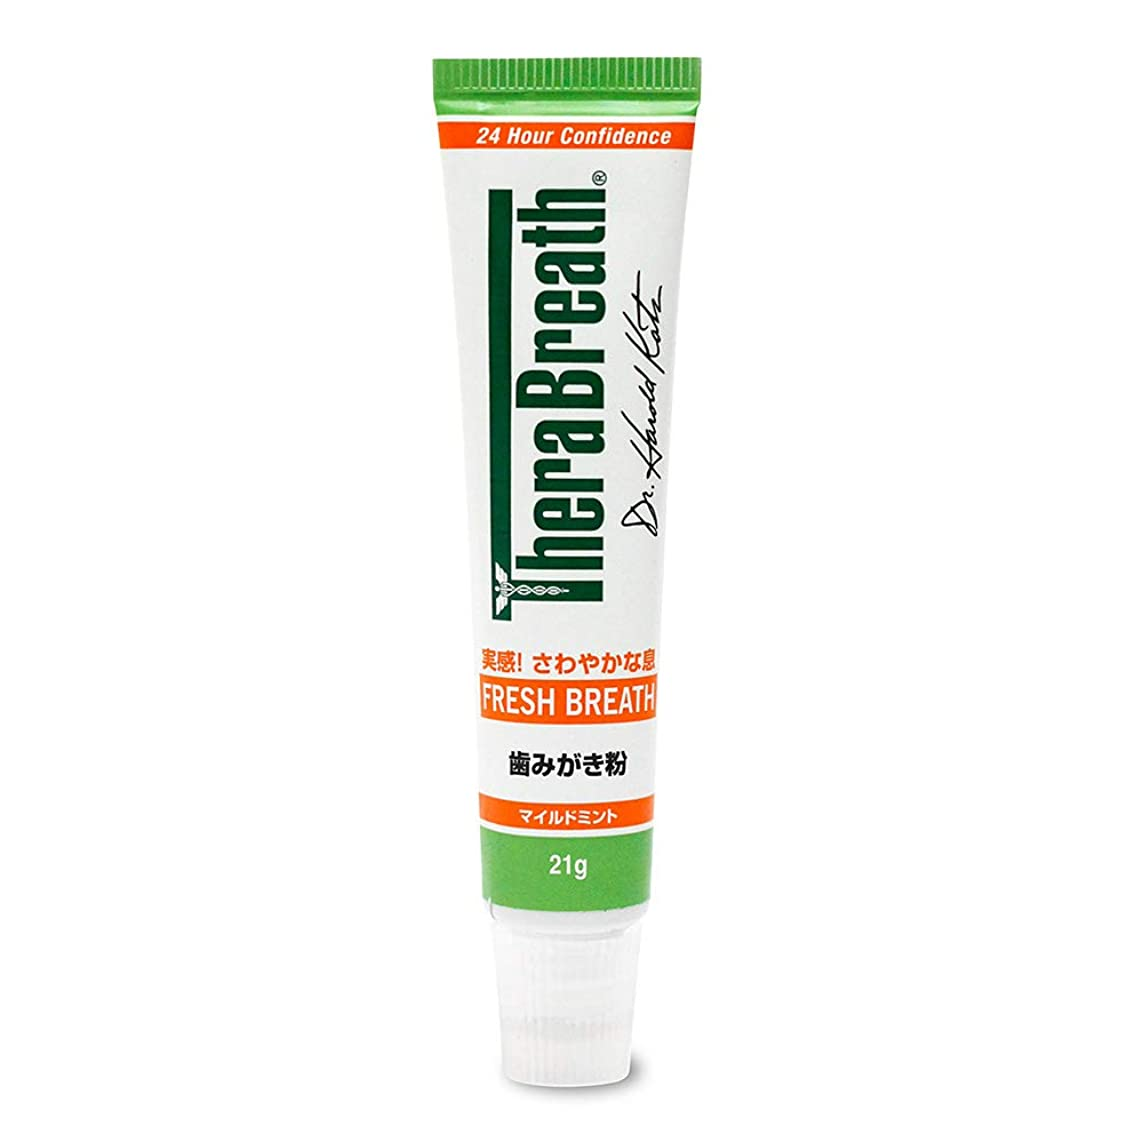 物理的に愛維持TheraBreath (セラブレス) セラブレス トゥースジェル ミニサイズ 21g (正規輸入品) 舌磨き